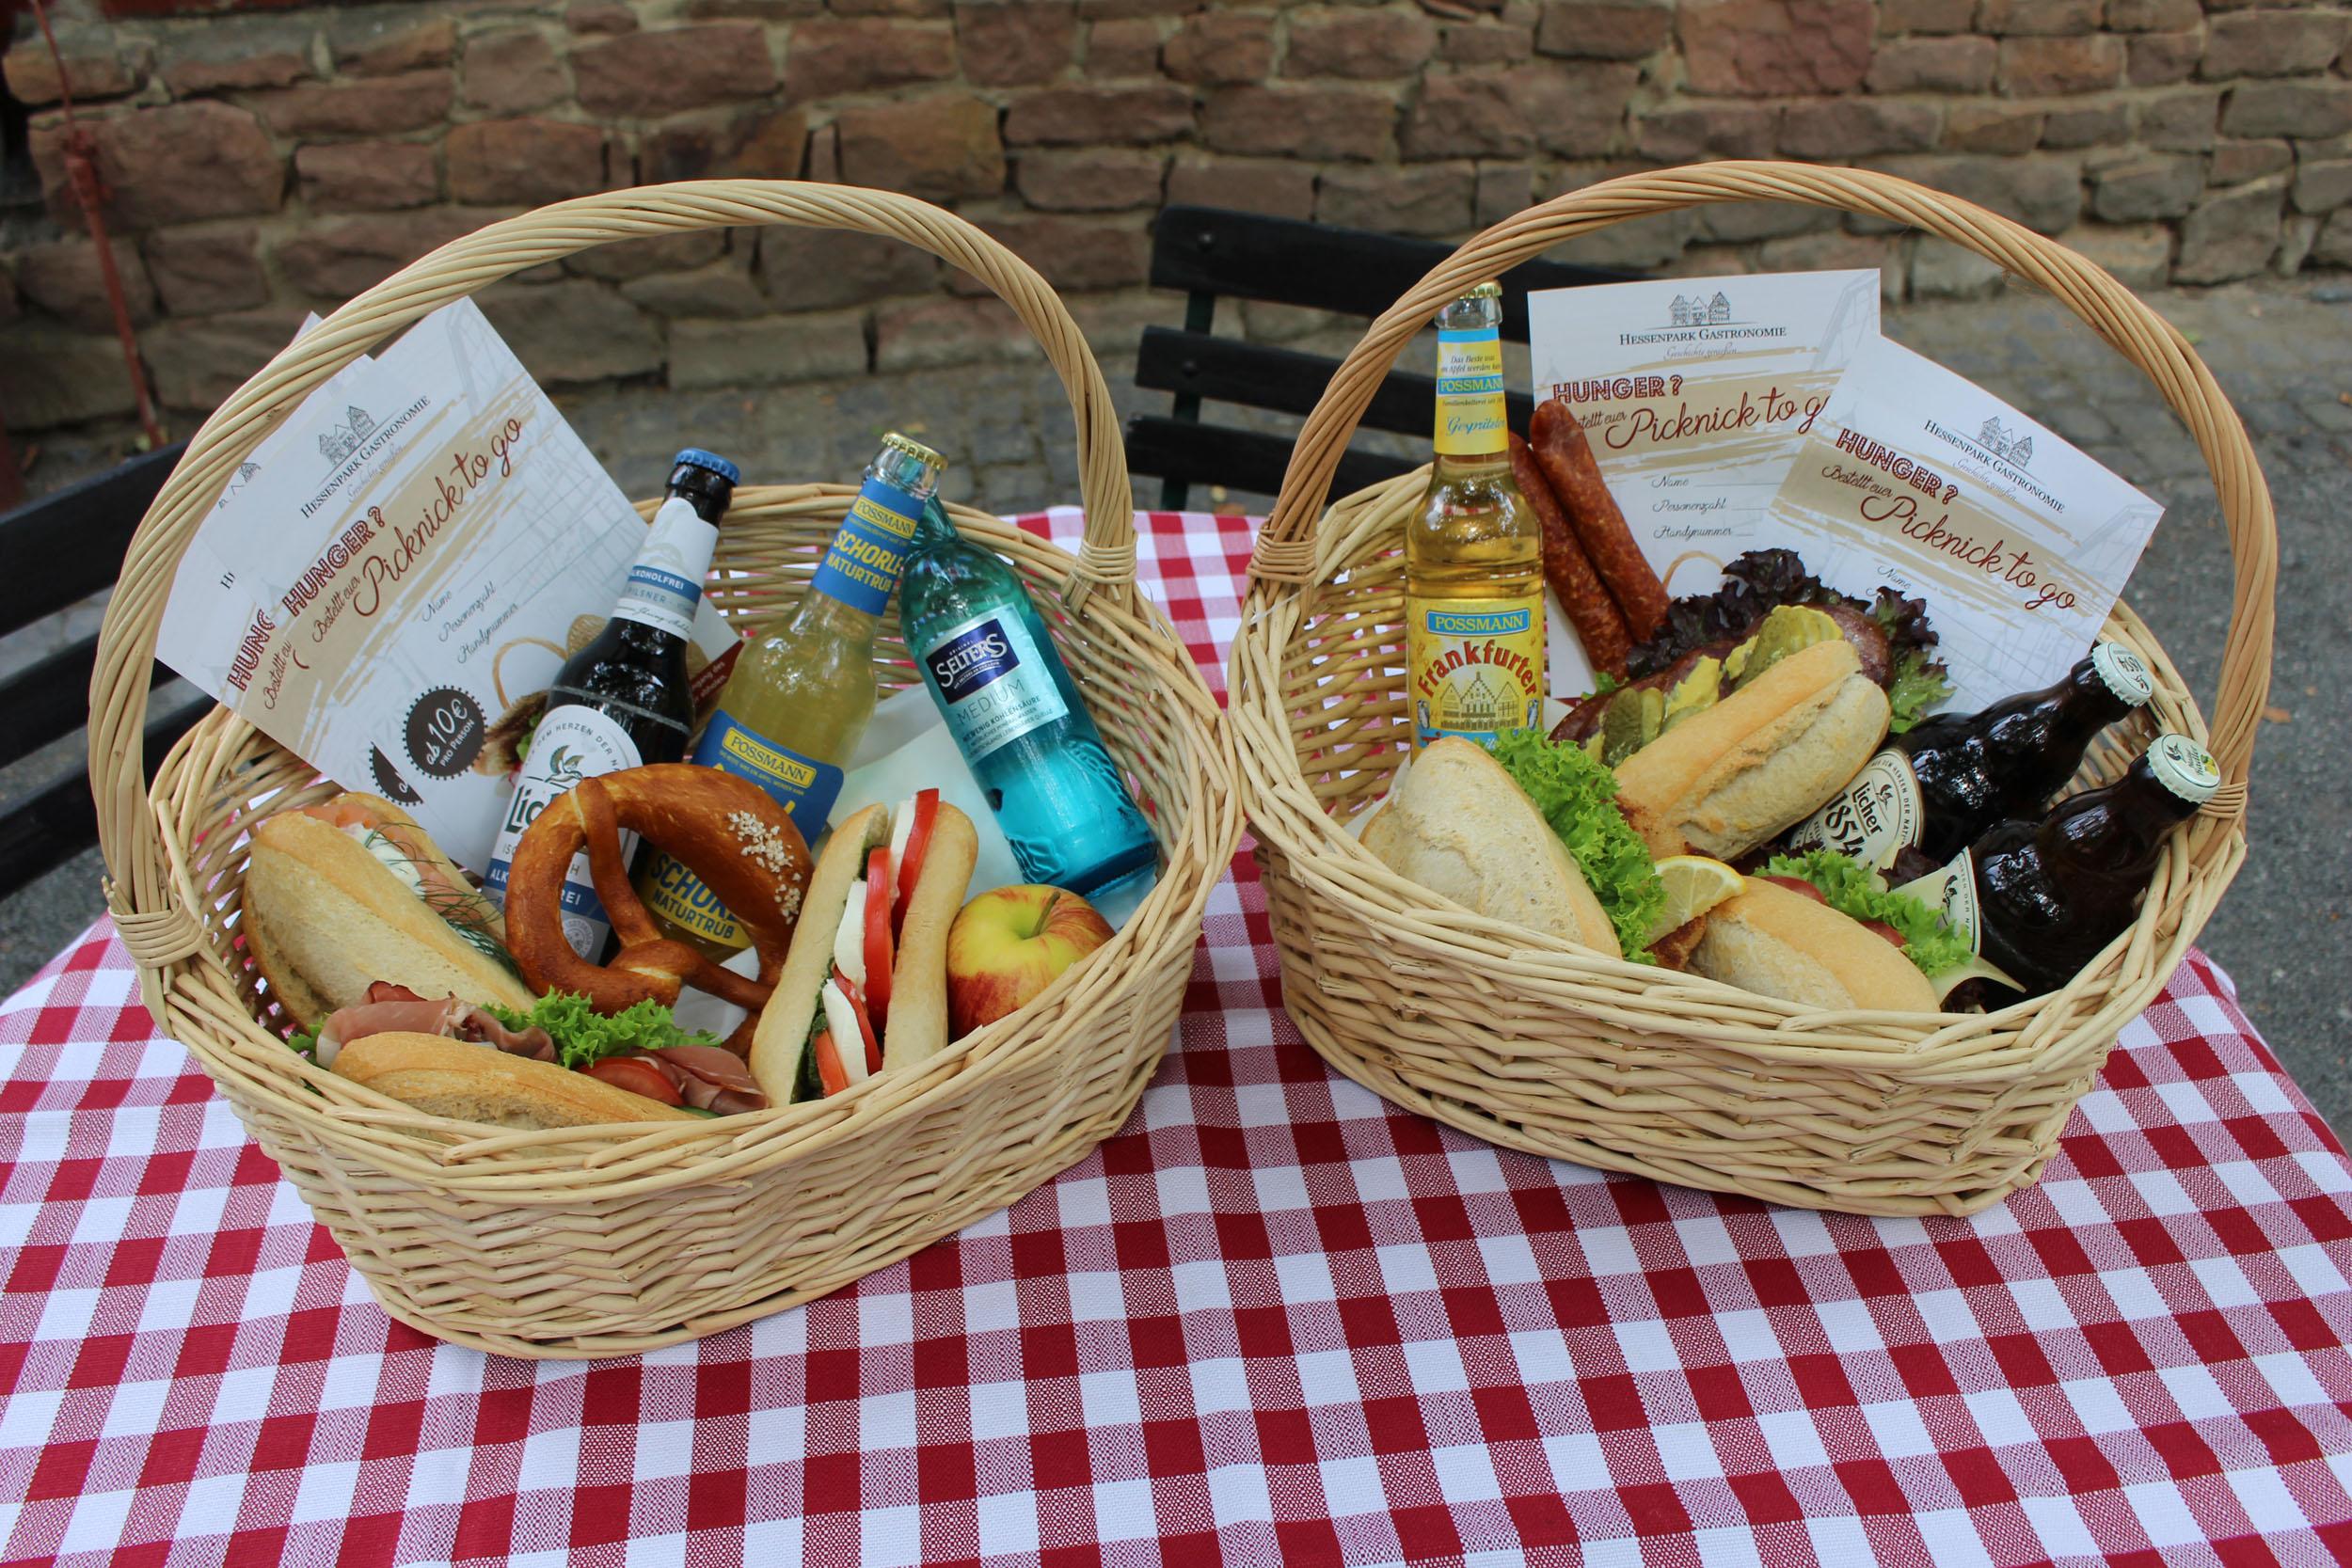 Zwei Picknick-Körbe mit diversen belegeten Brötchen und Getränken auf einem Tisch mit rot-weiß karrierter Tischdecke.